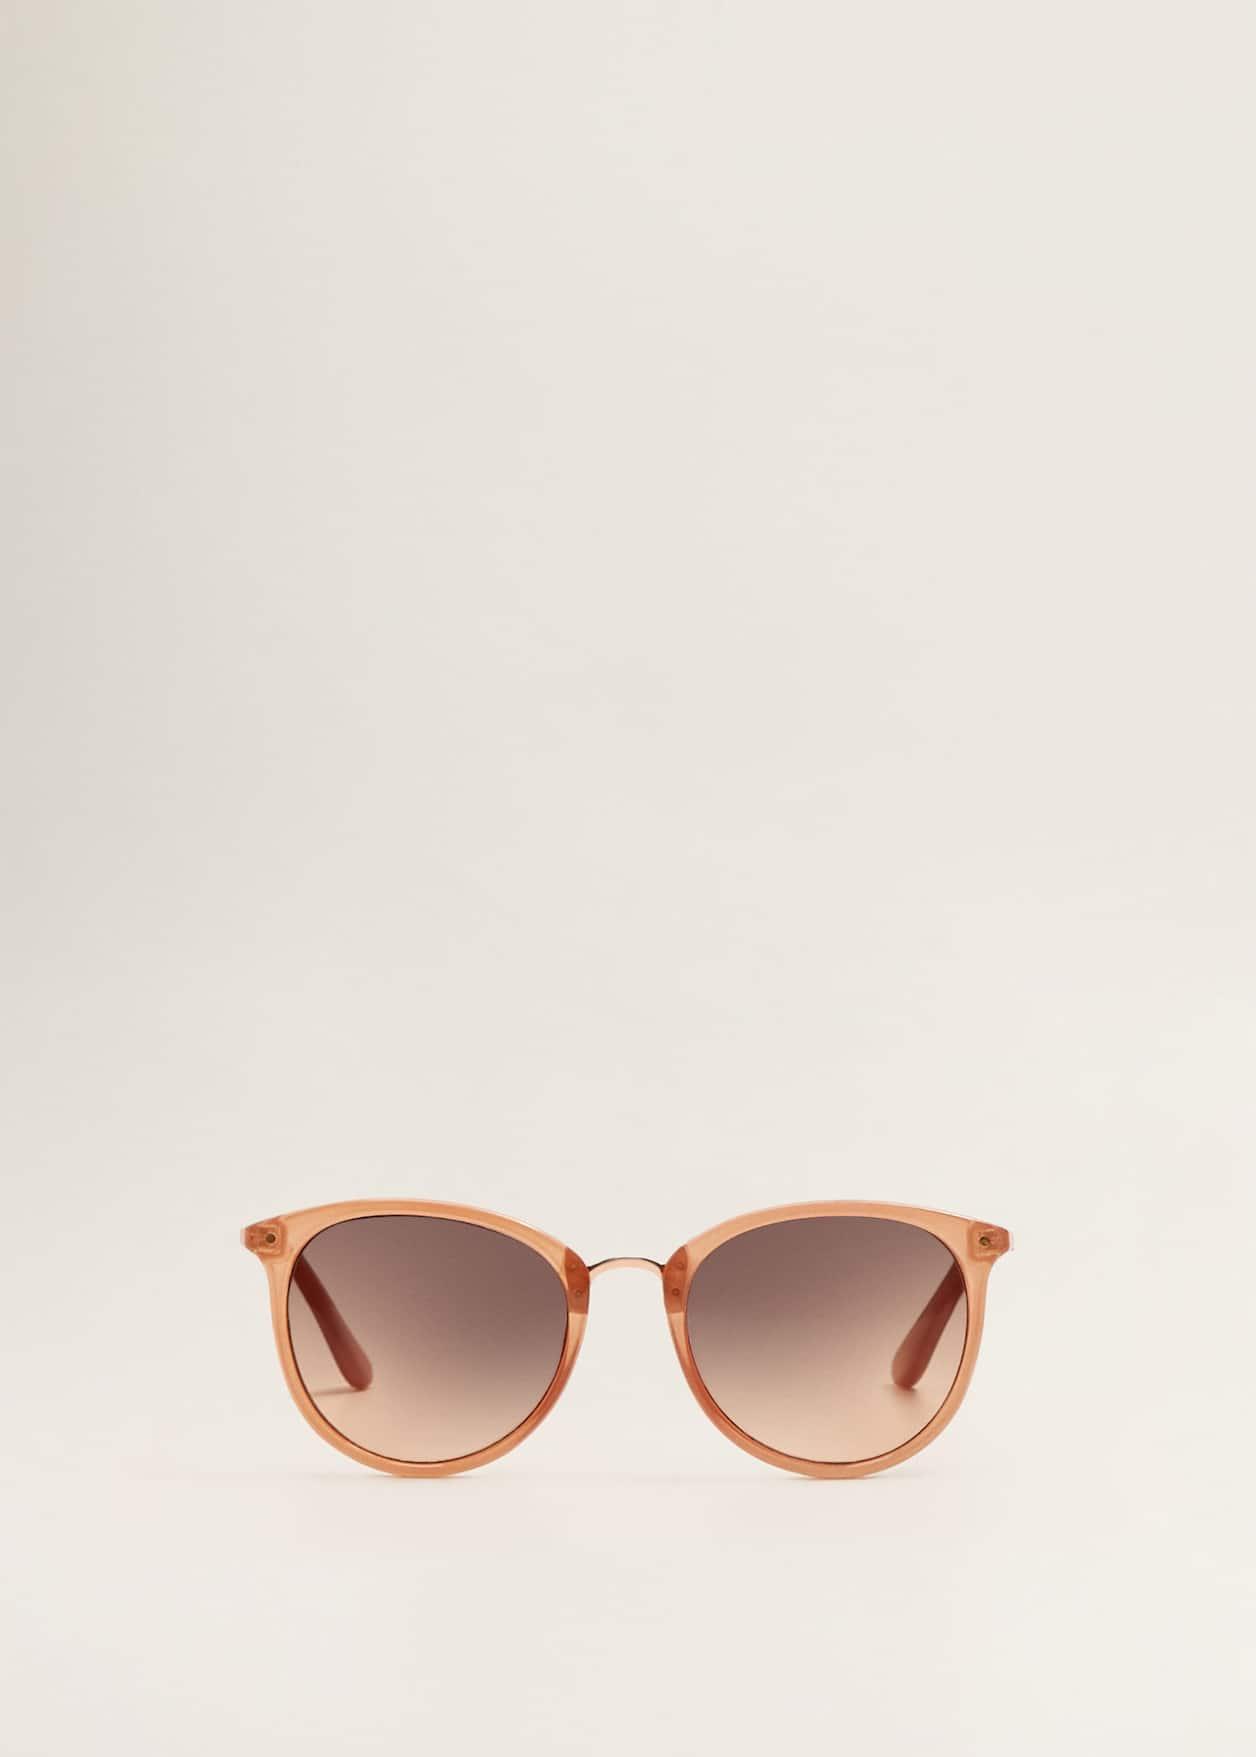 le moins cher super qualité beau lustre Lunette de soleil - Accessoires - Femme | OUTLET France